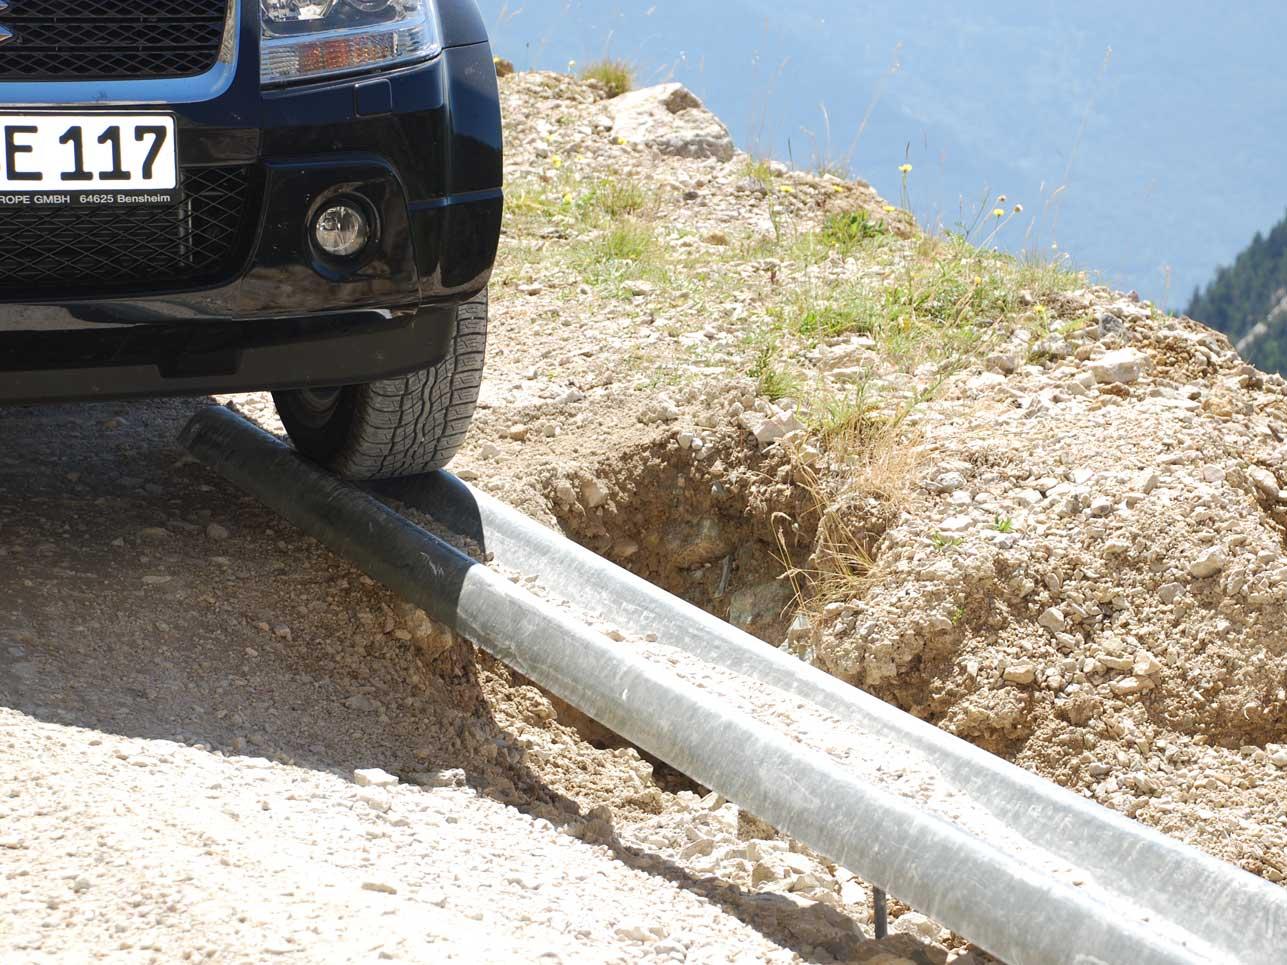 Wegen Erdrutschen führt die Route schon mal über eine Eisenschiene am Abgrund entlang.